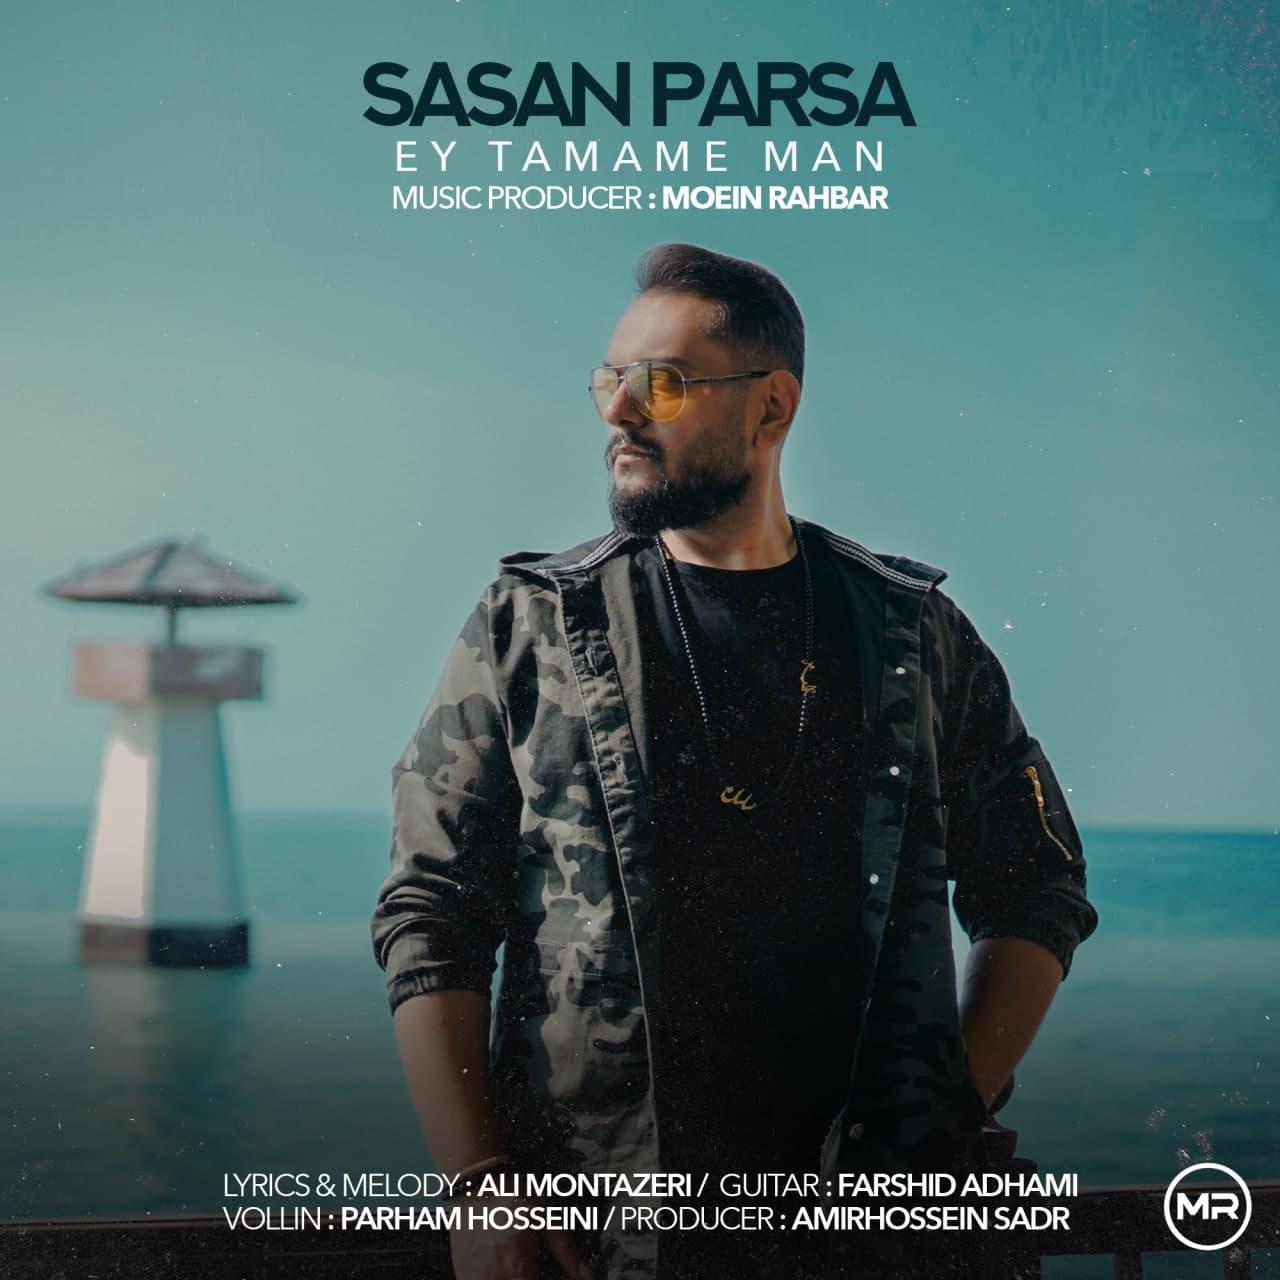 Sasan Parsa – Ey Tamame Man